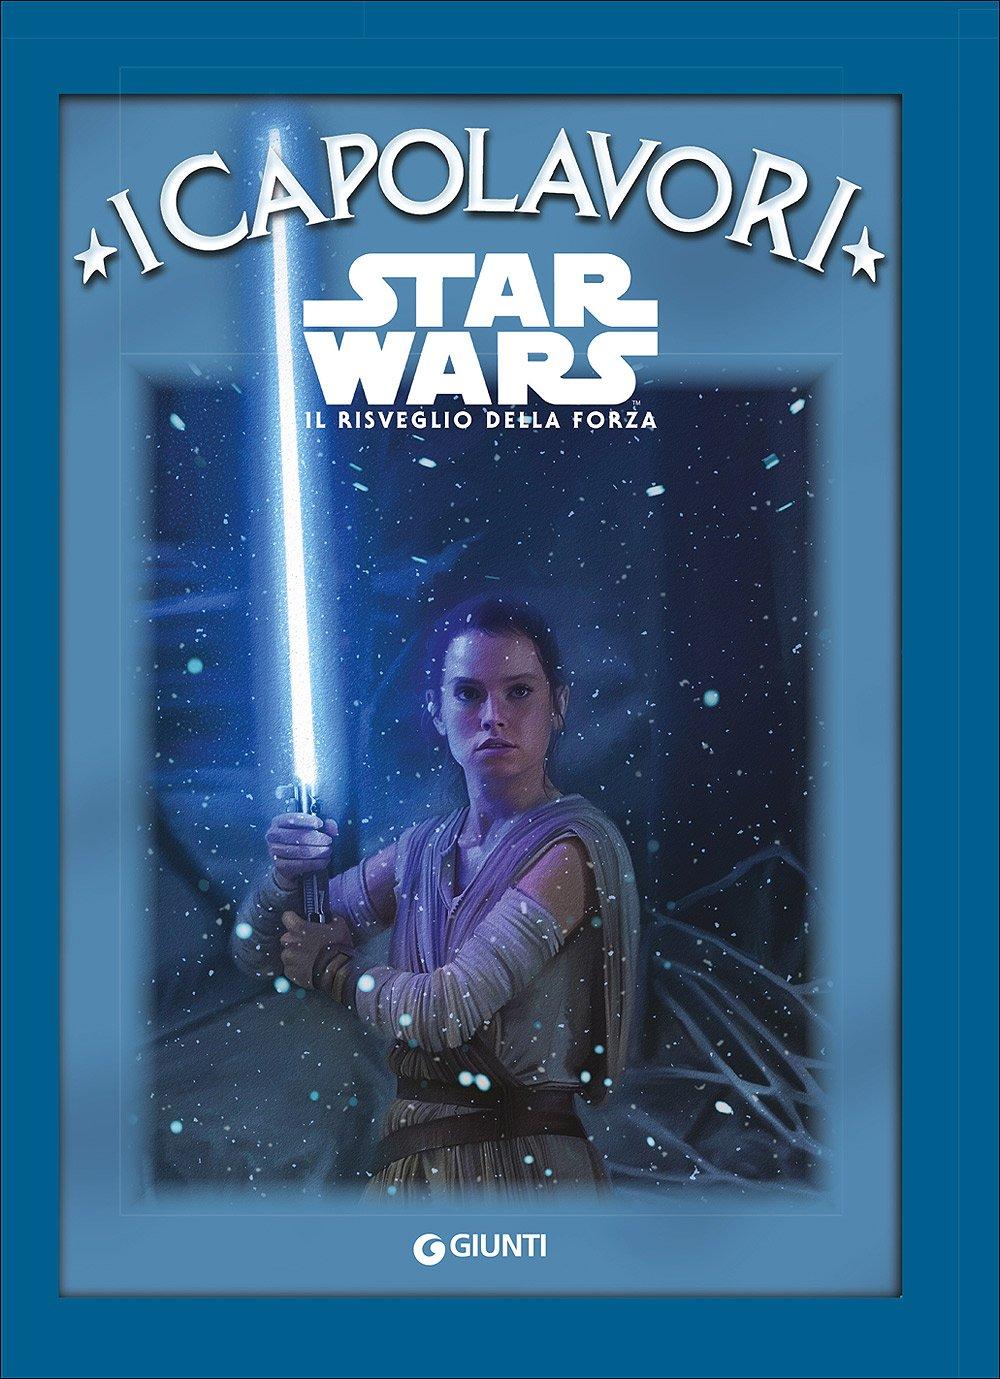 Star Wars. Il risveglio della forza Copertina rigida – 4 mag 2016 Walt Disney Lucas Libri 8898937229 Età: a partire dai 7 anni